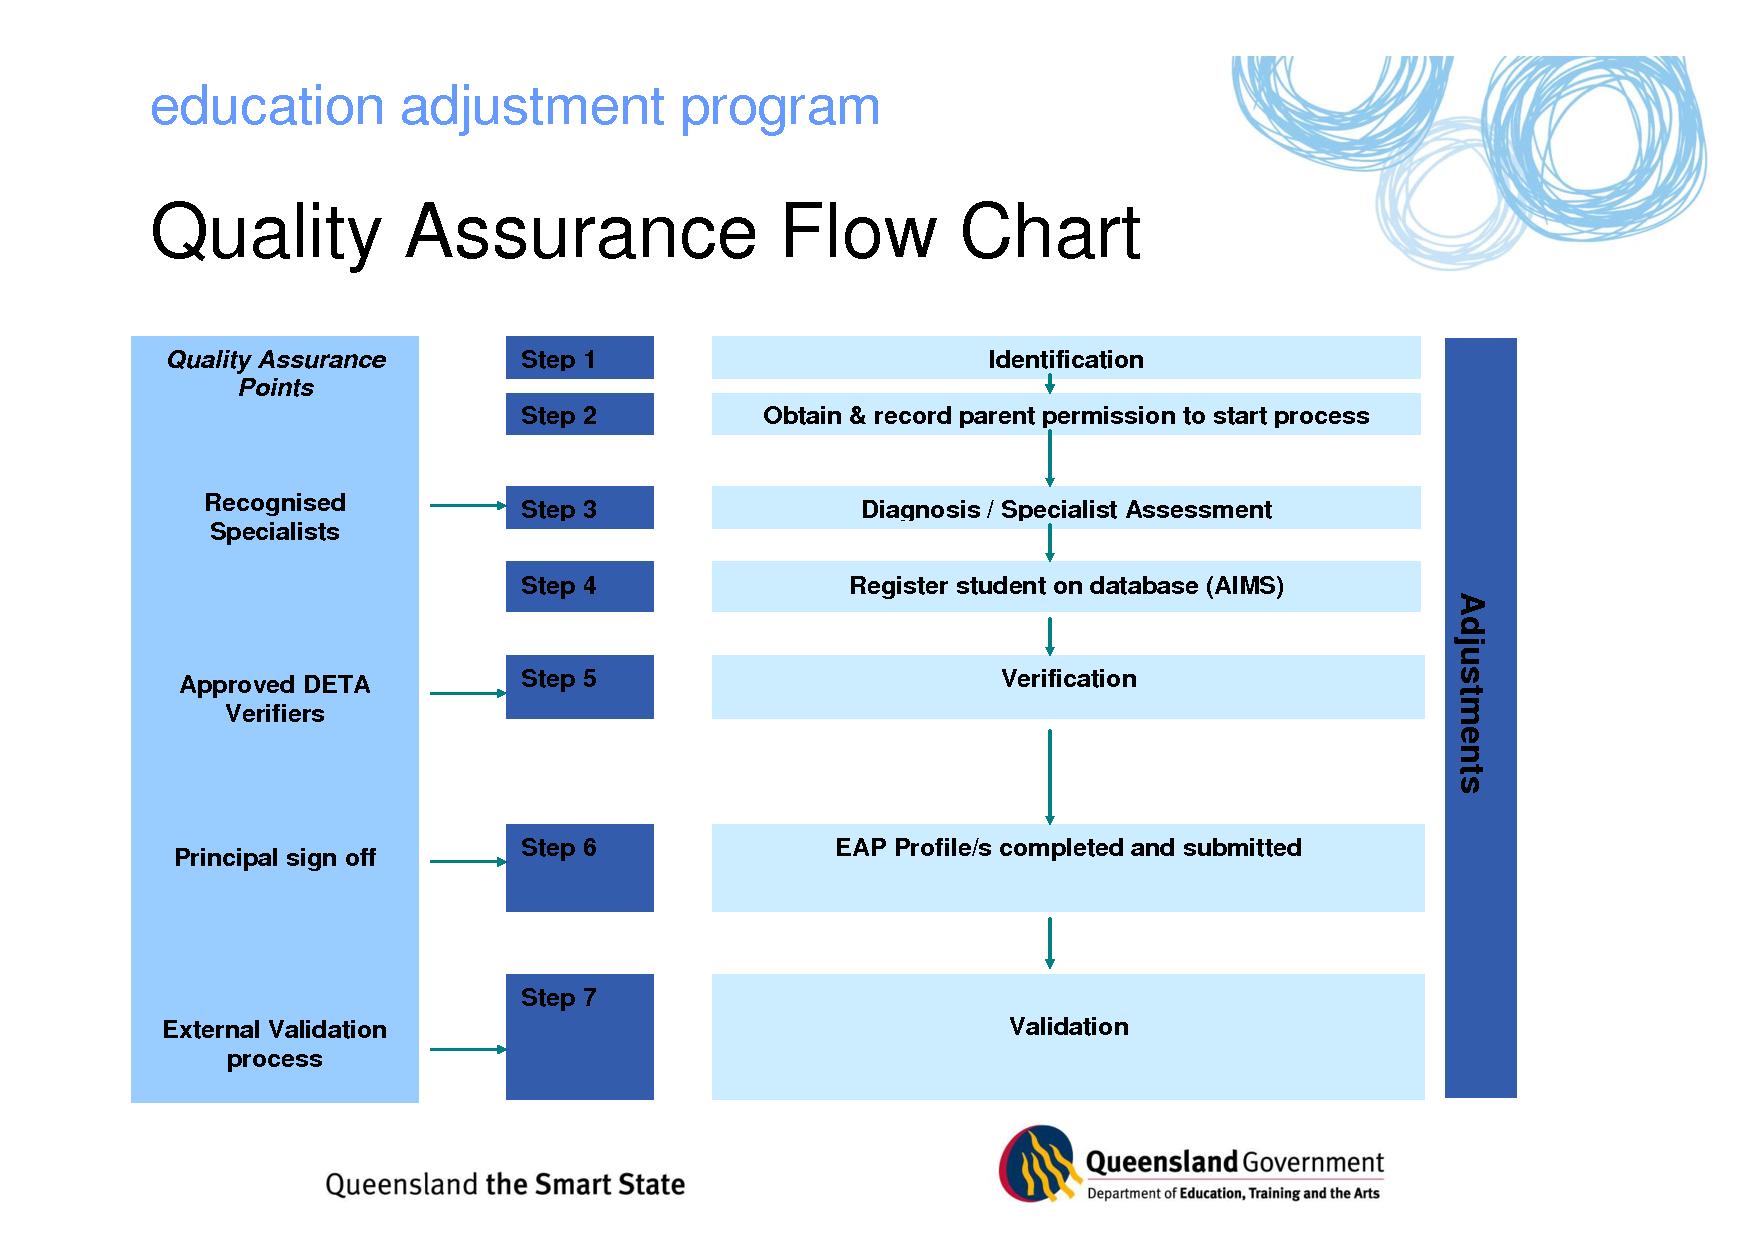 program management process templates quality assurance flow chart [ 1754 x 1240 Pixel ]